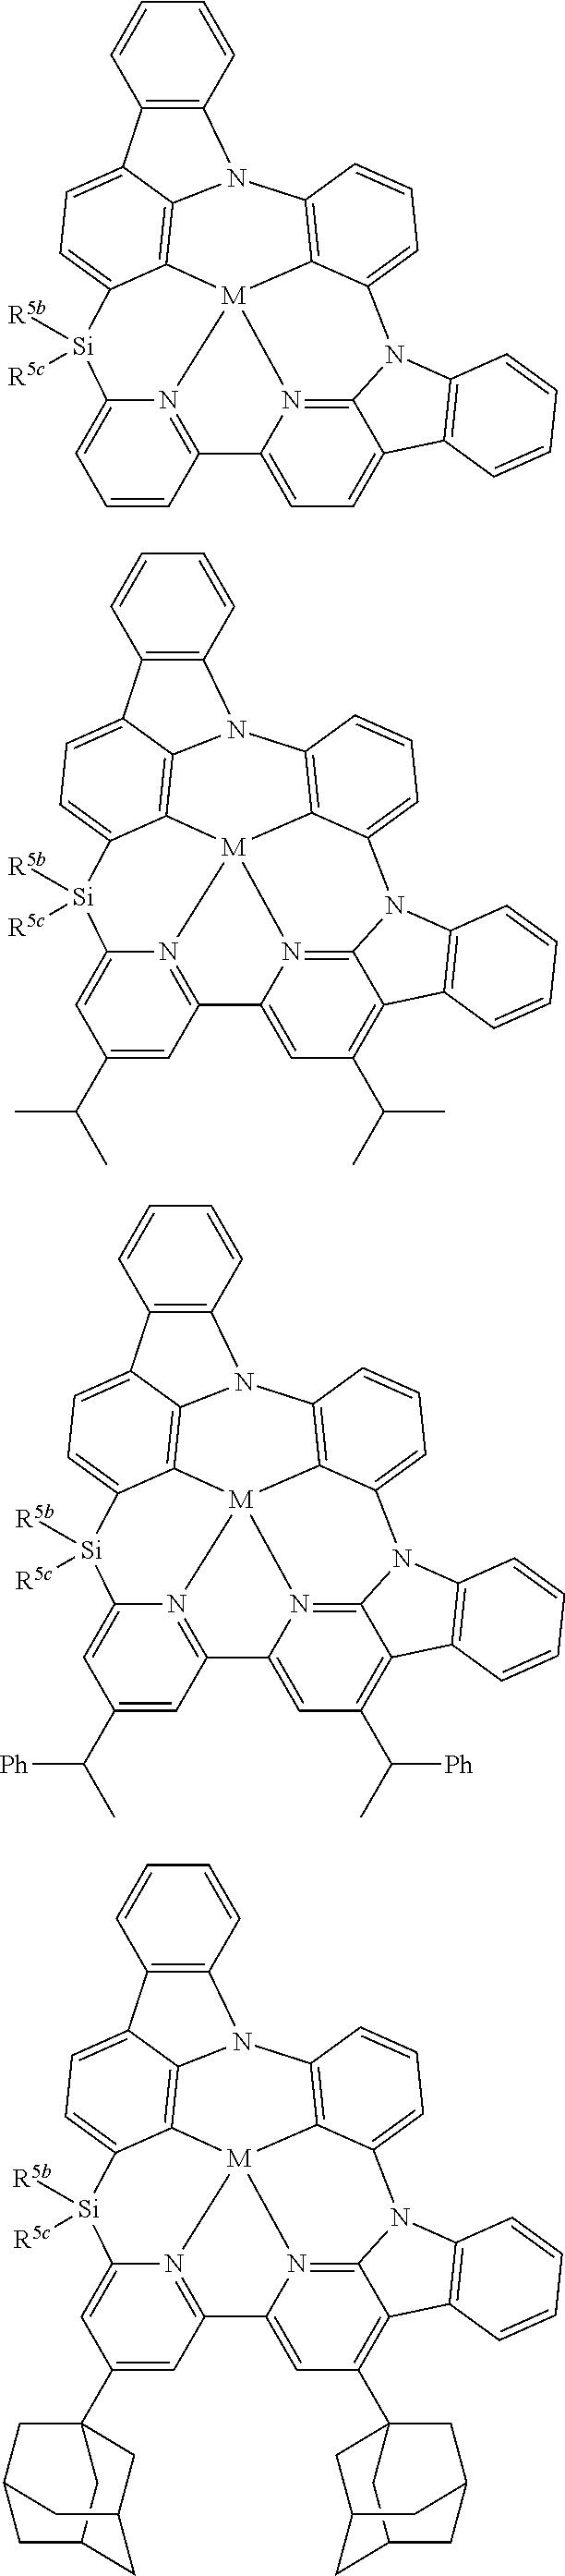 Figure US10158091-20181218-C00259